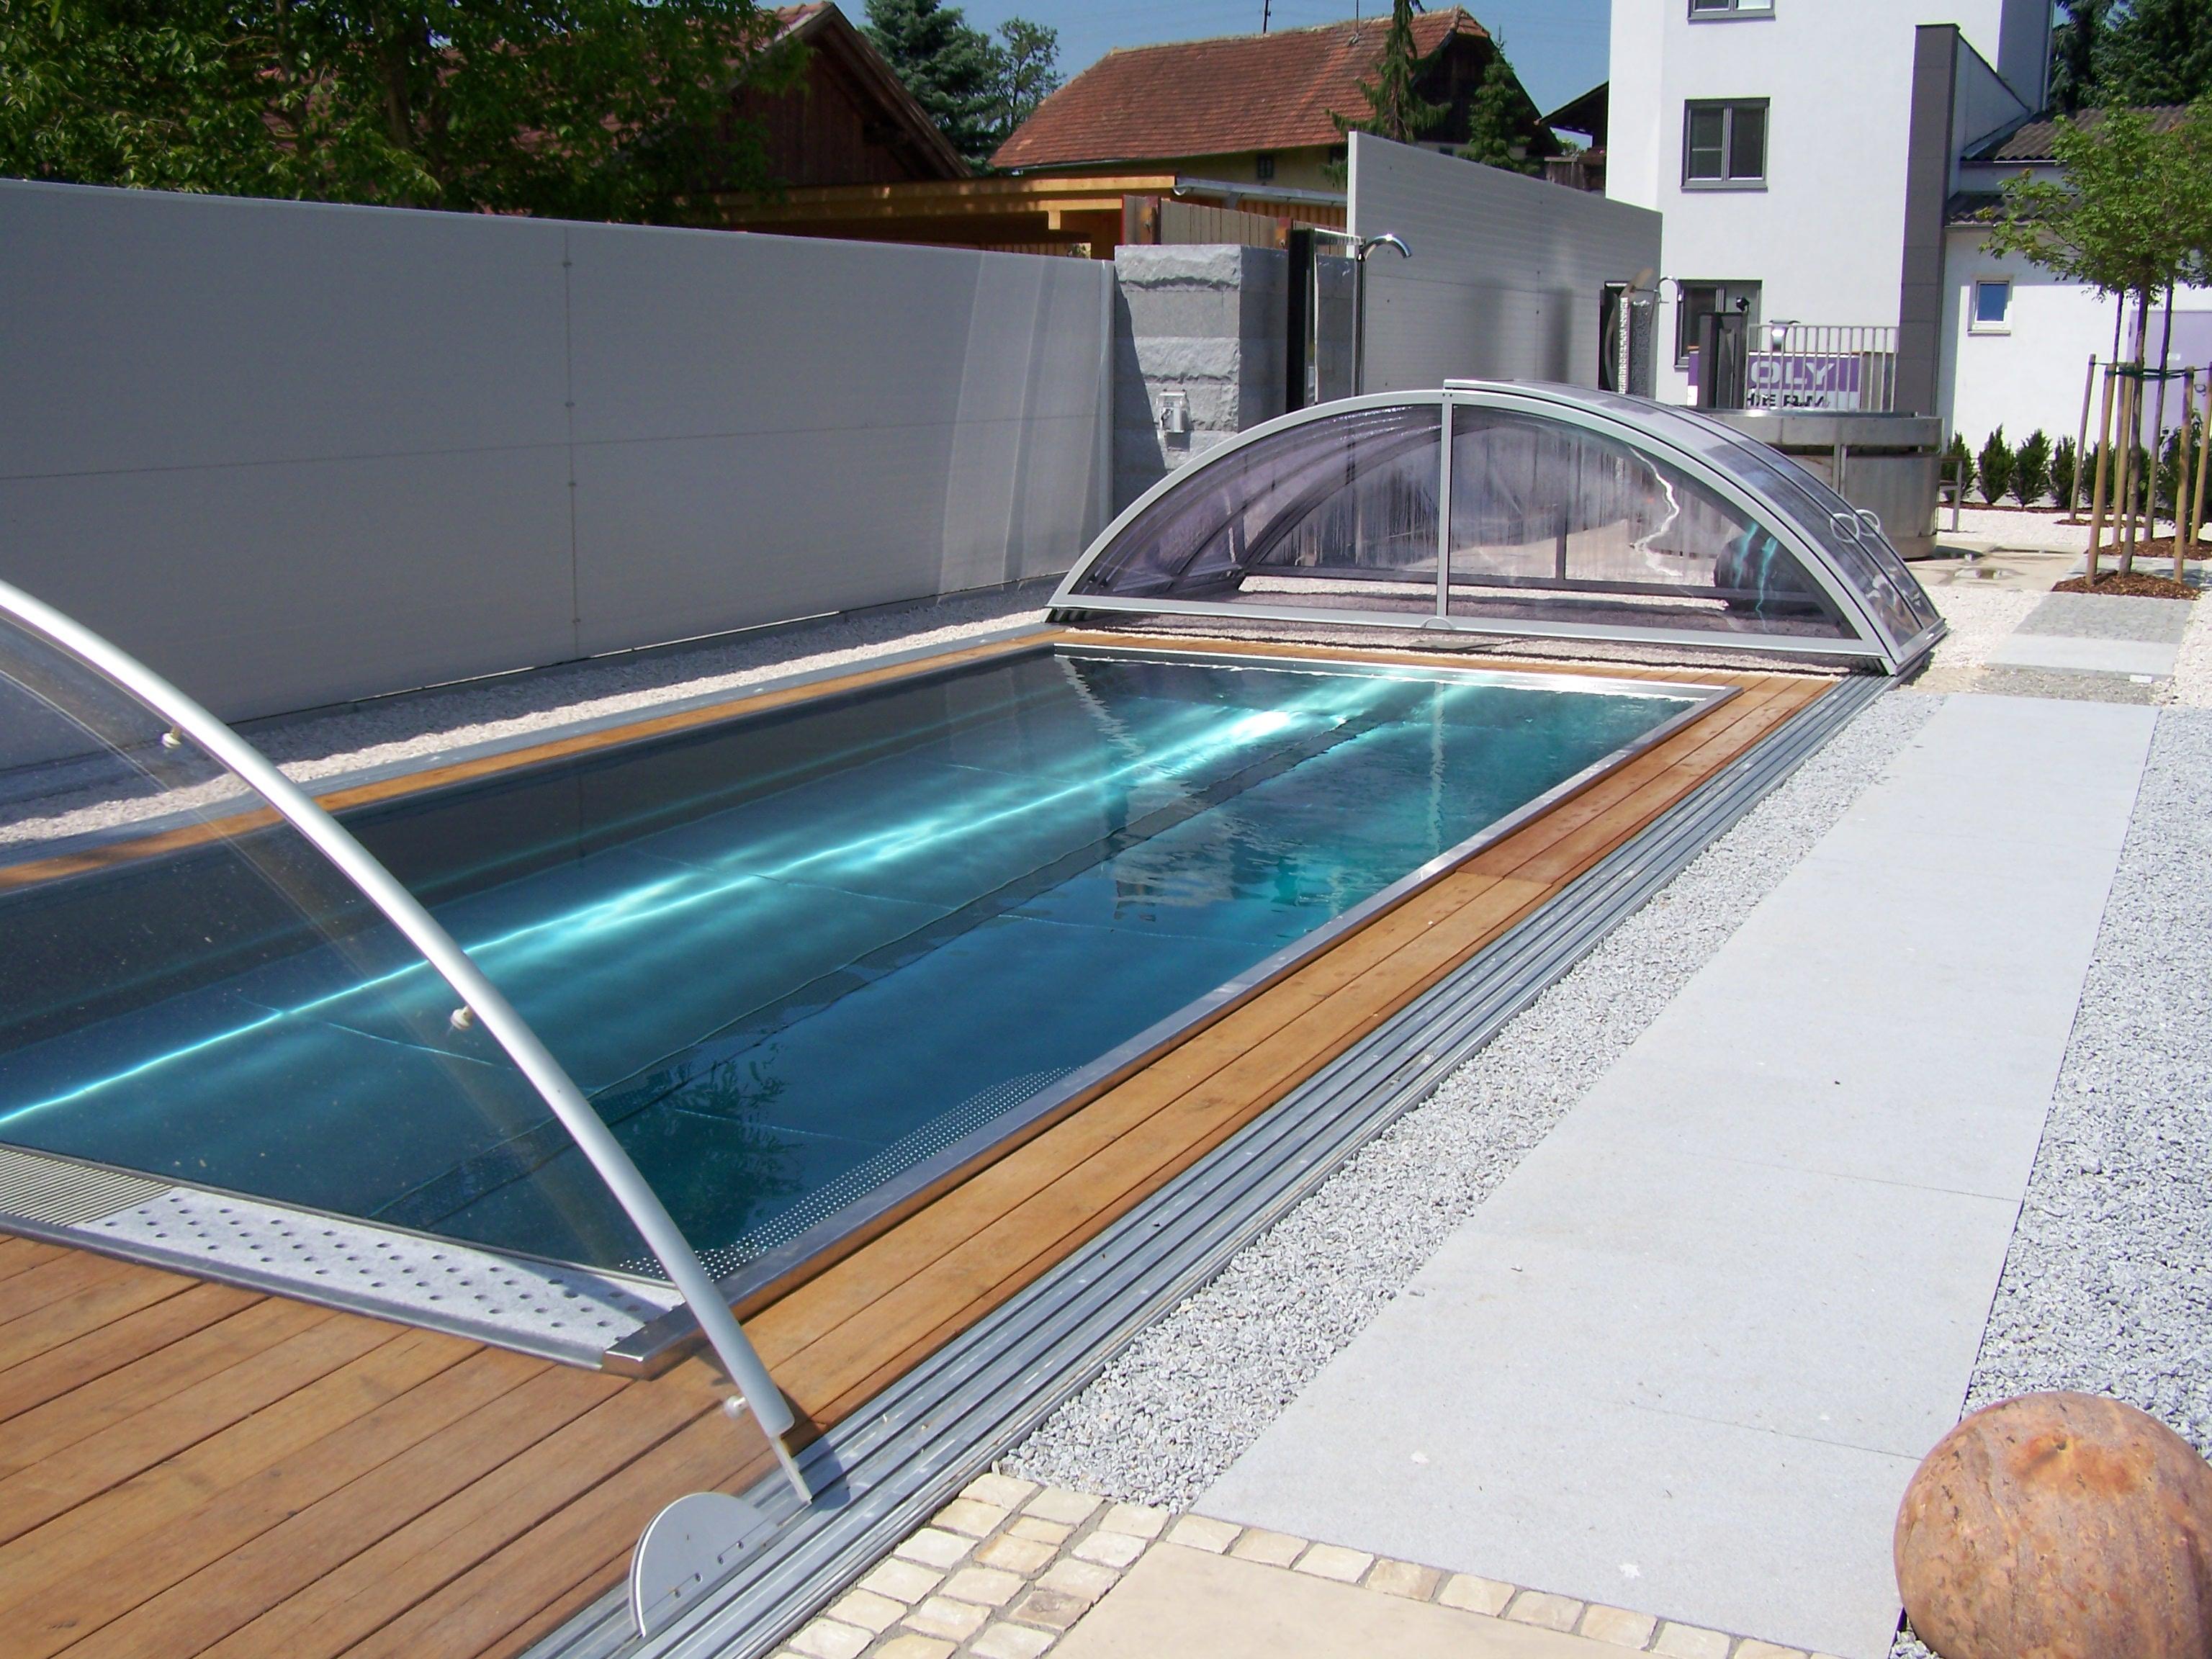 Zwembad overkappingen startpagina voor tuin idee n uw for Zwembad tegels